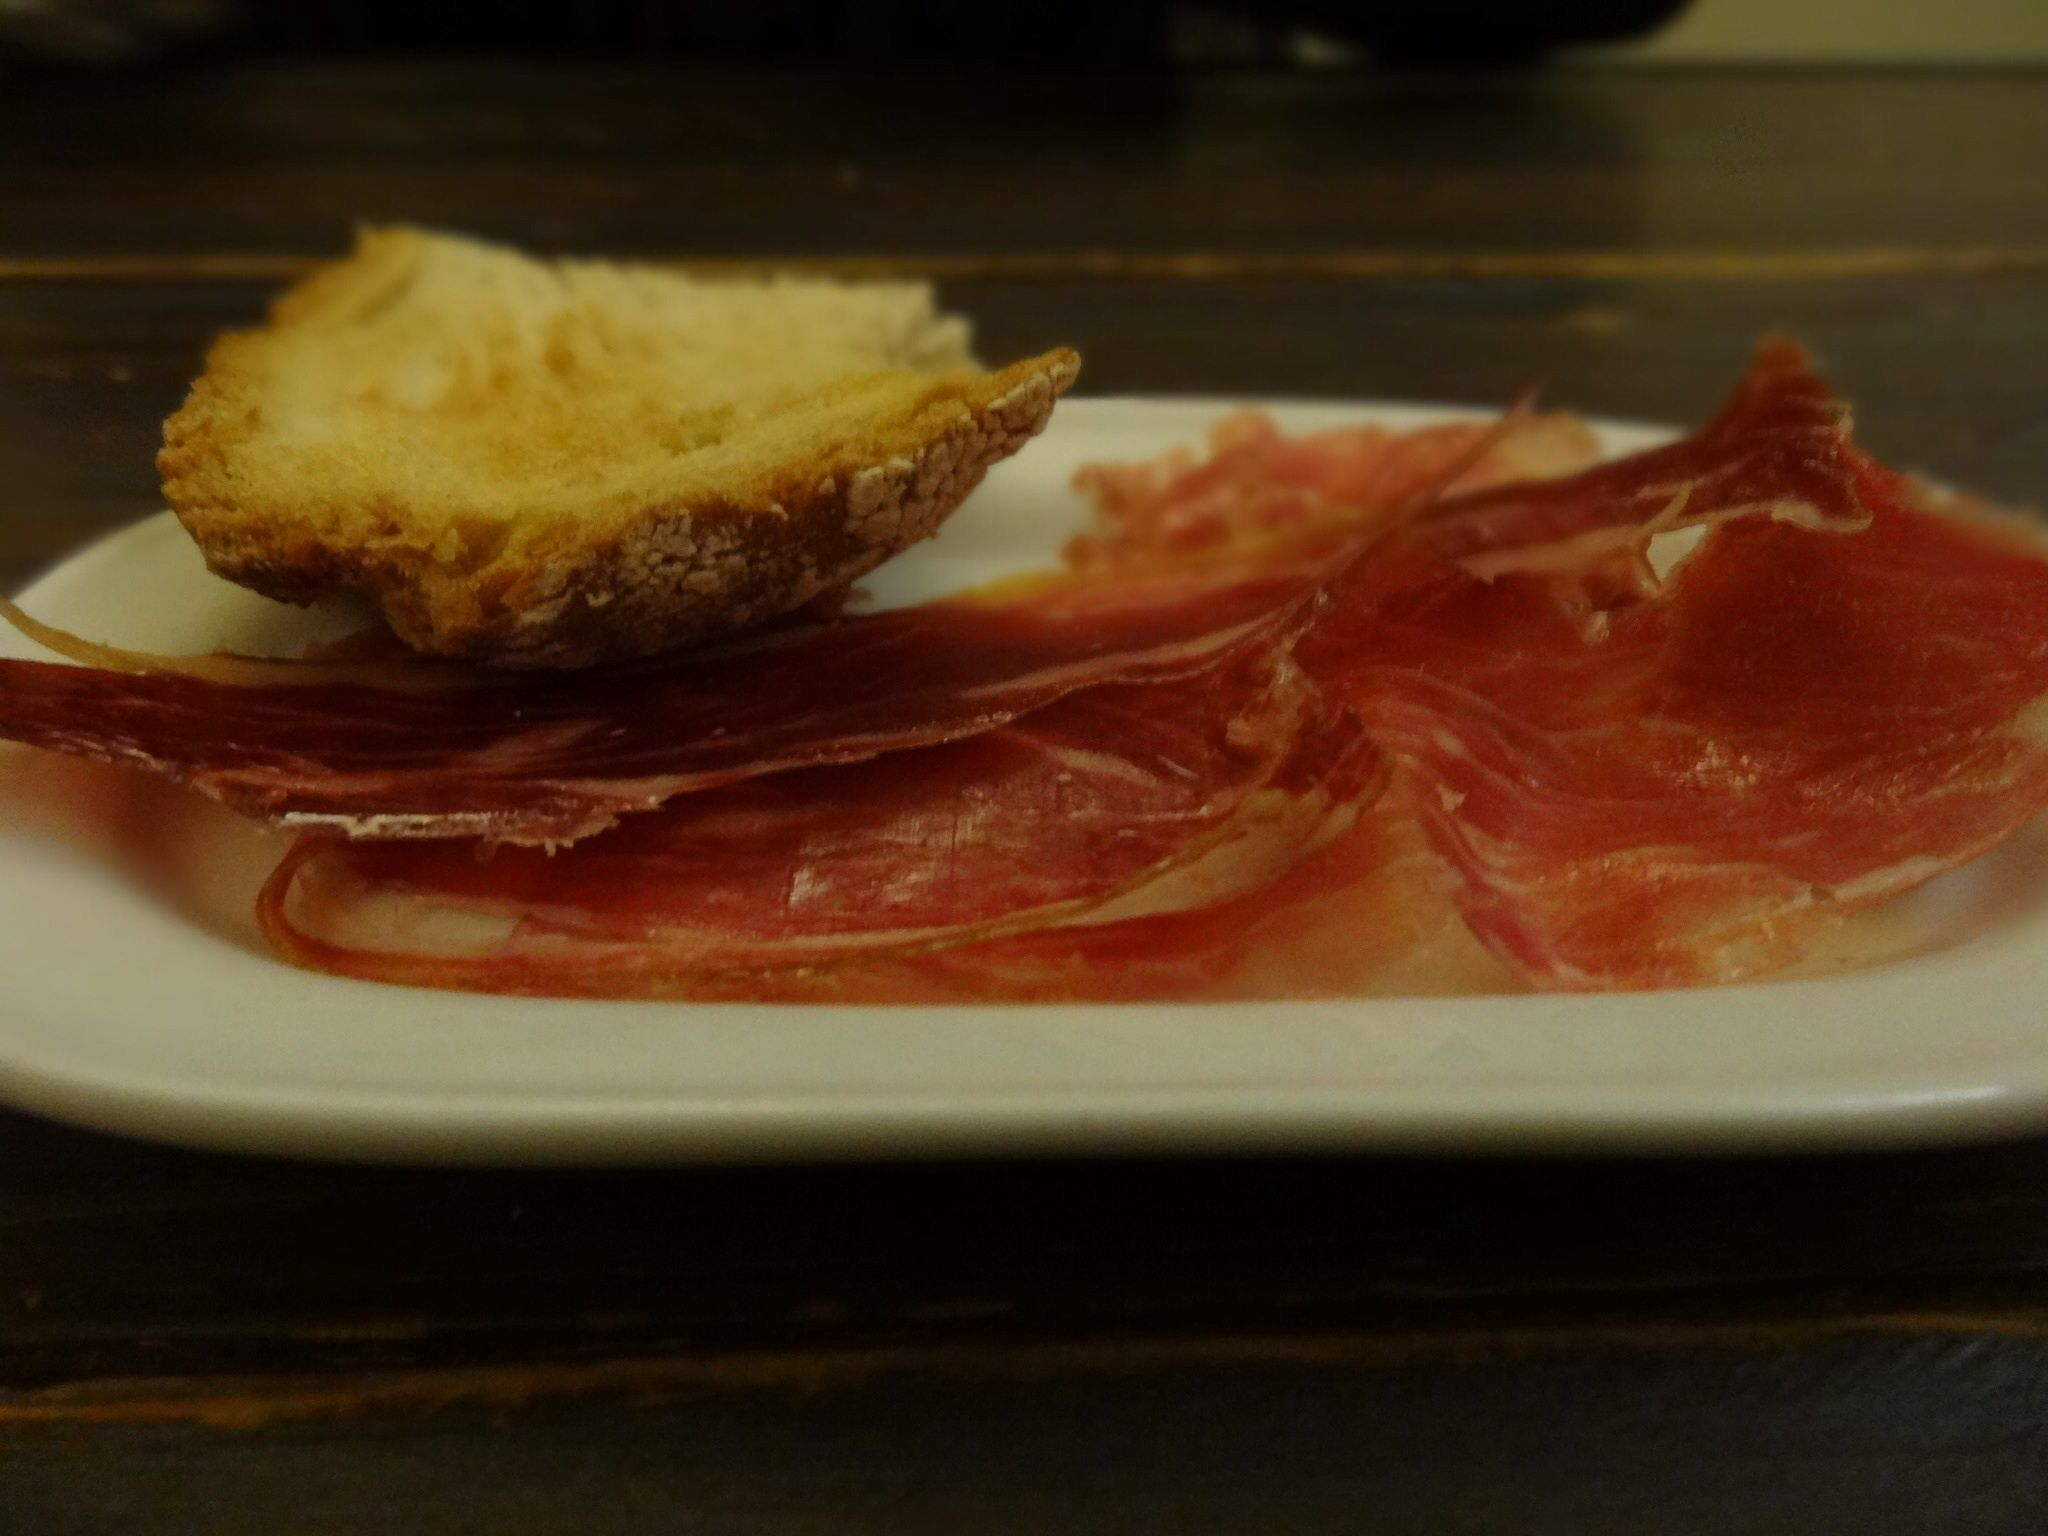 Barcelona. Pa amb tomàquet, bread and ham.